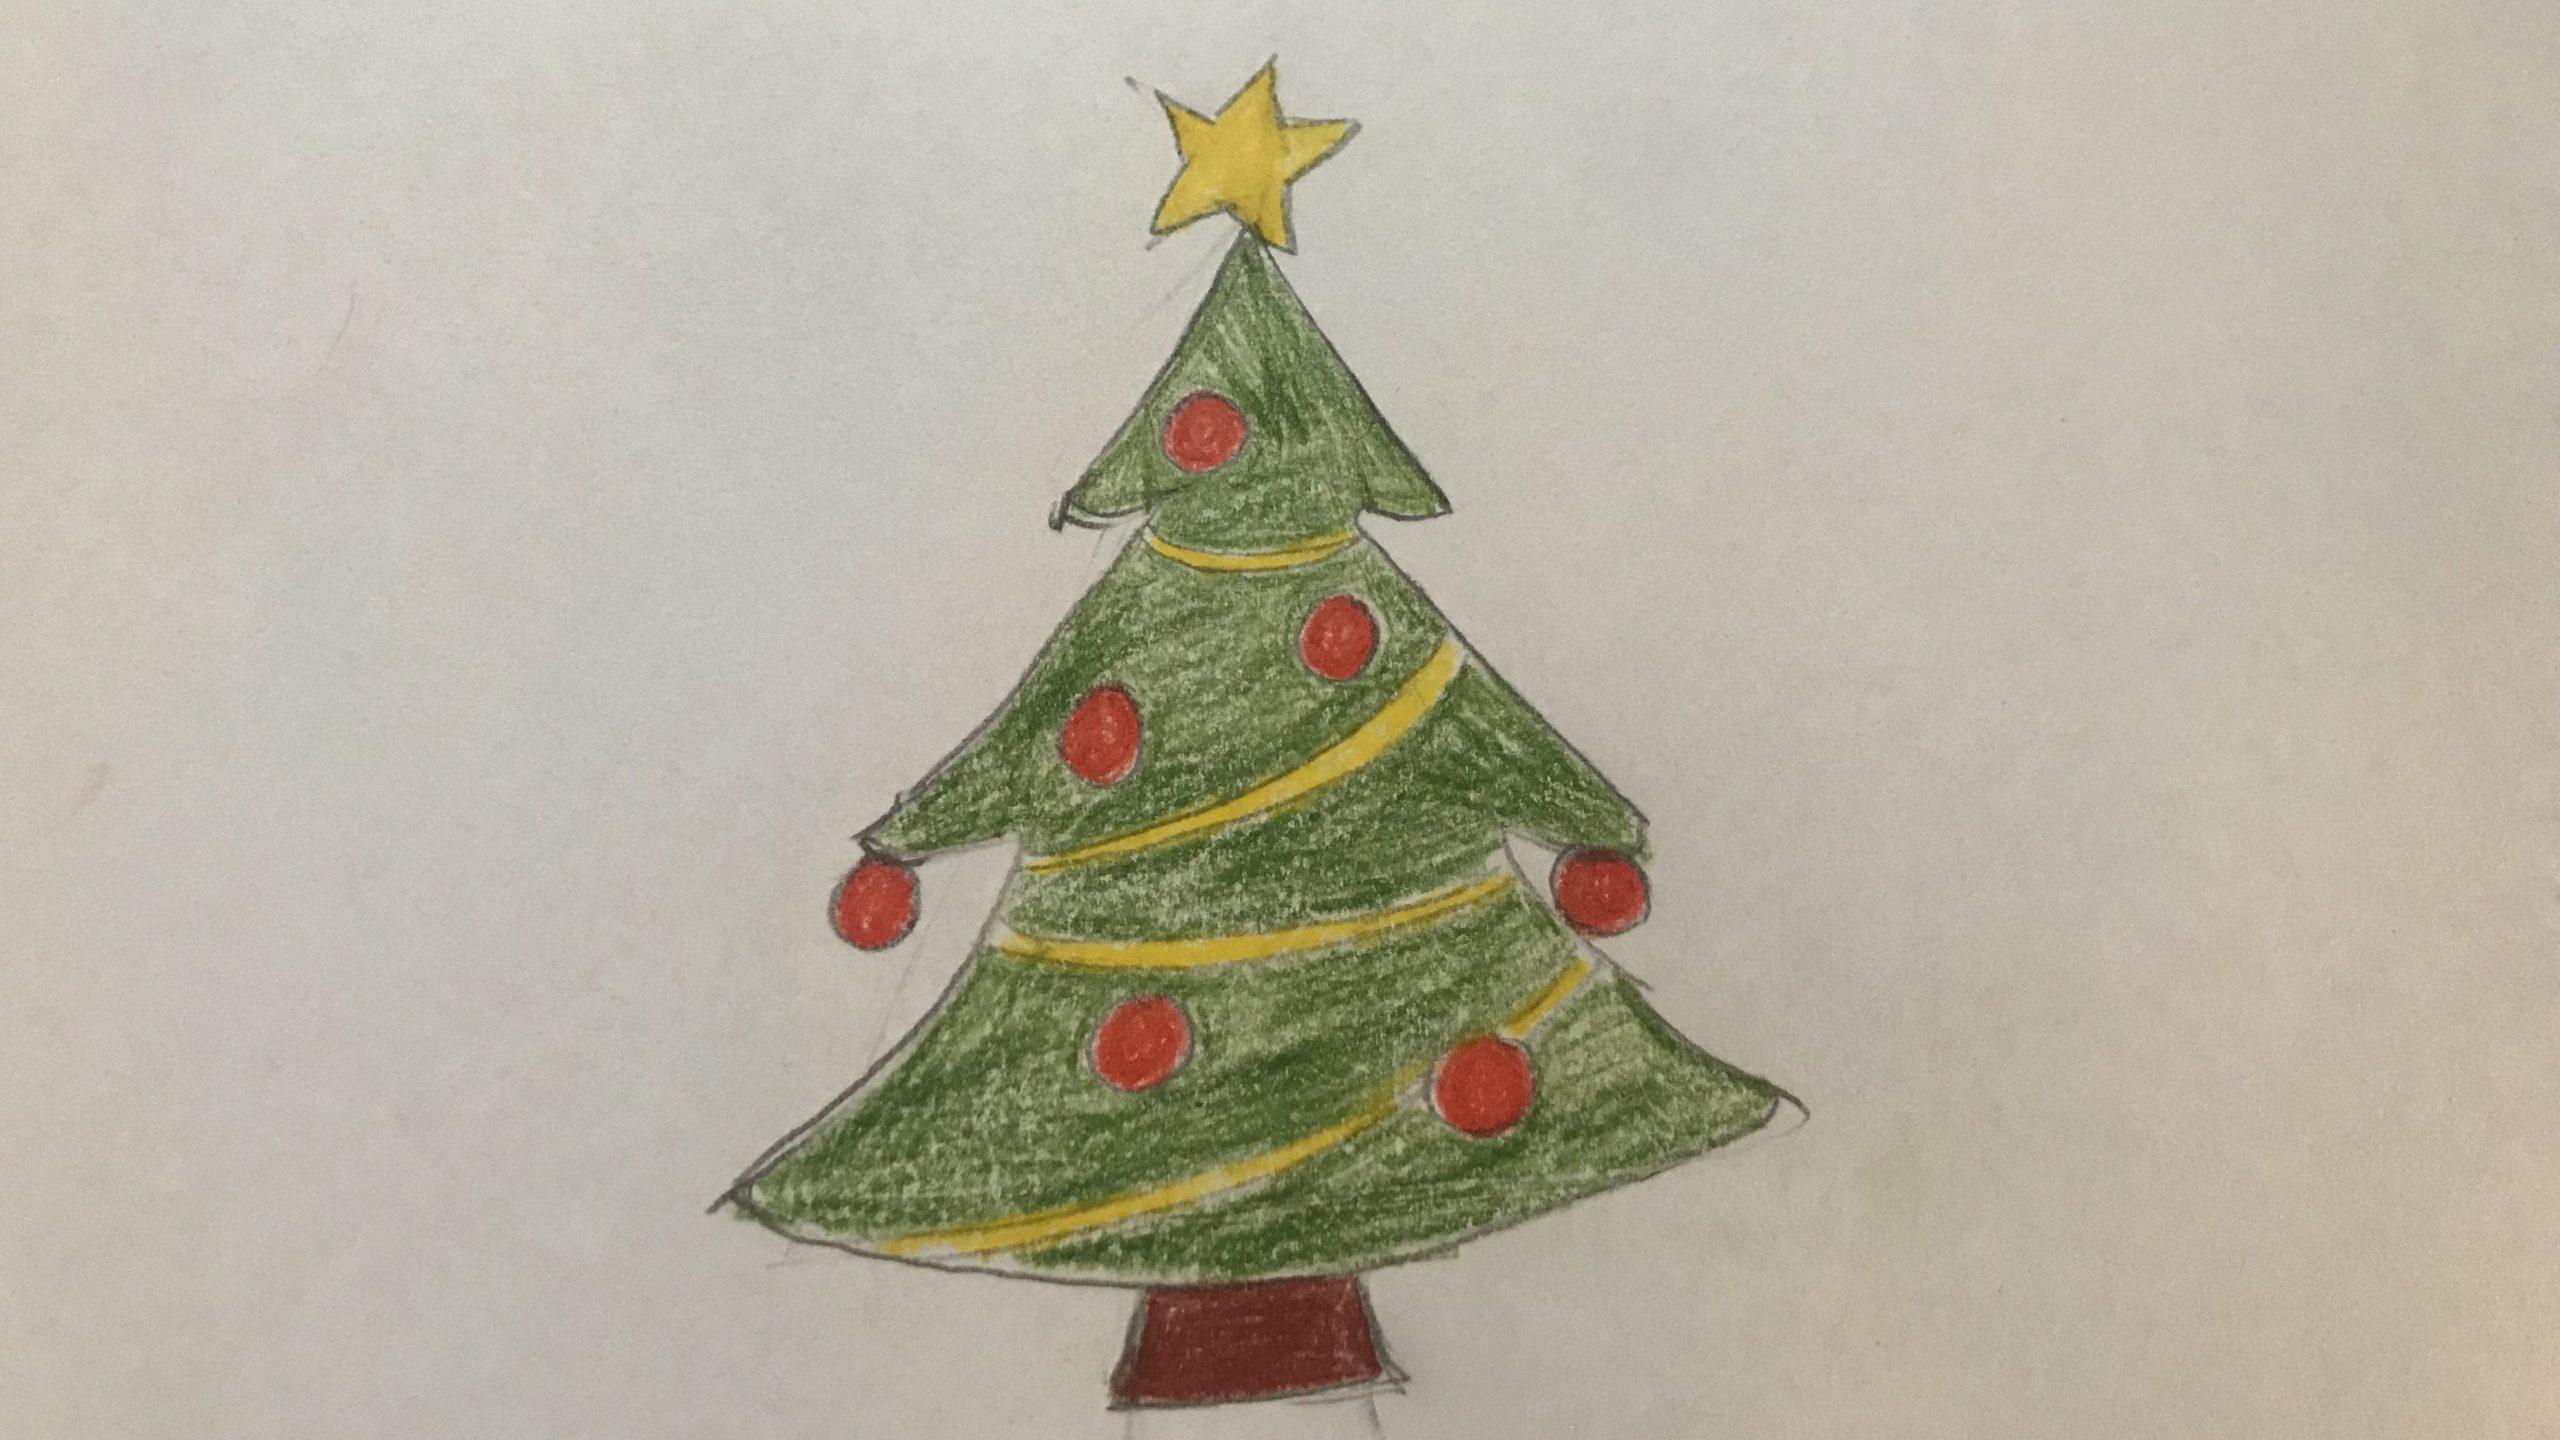 Weihnachtsbaum Zeichnen: Tricks Und Vorlagen | Focus.de verwandt mit Zeichnen Bilder Vorlagen